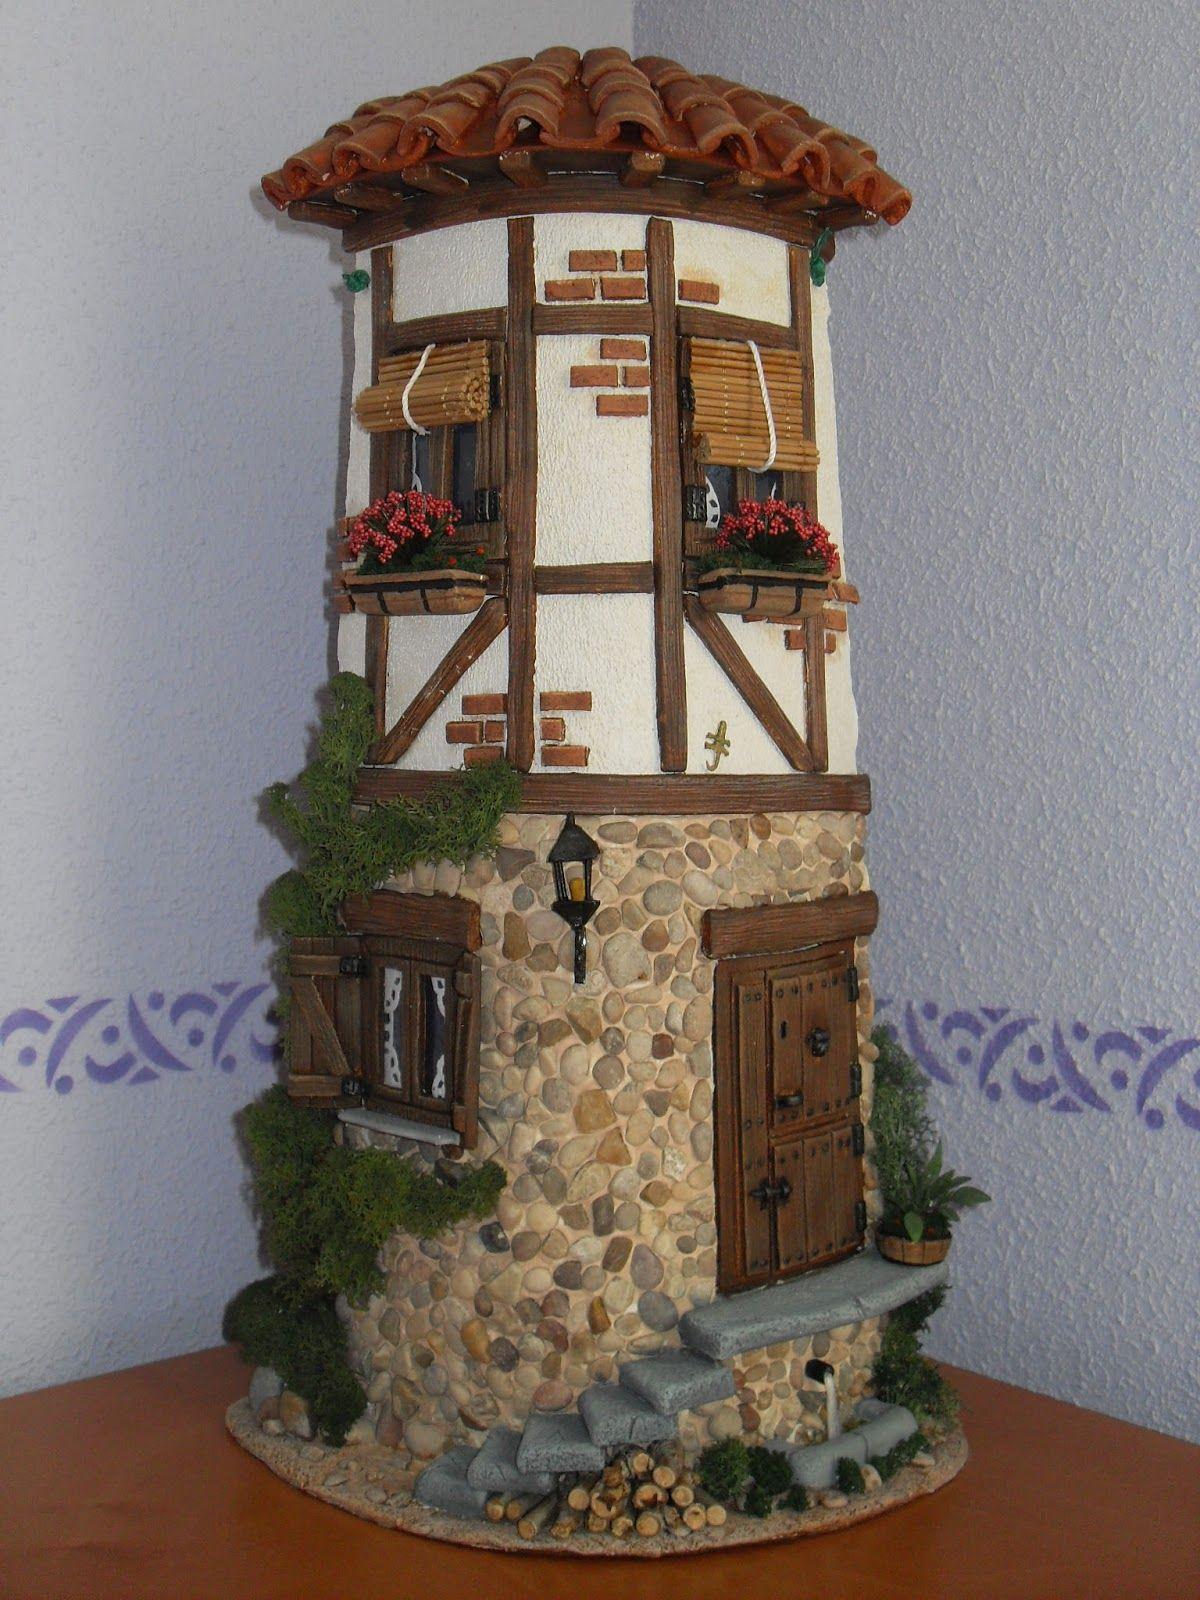 Como Hacer Pasta De Papel Para Hacer Tejas Decorativas